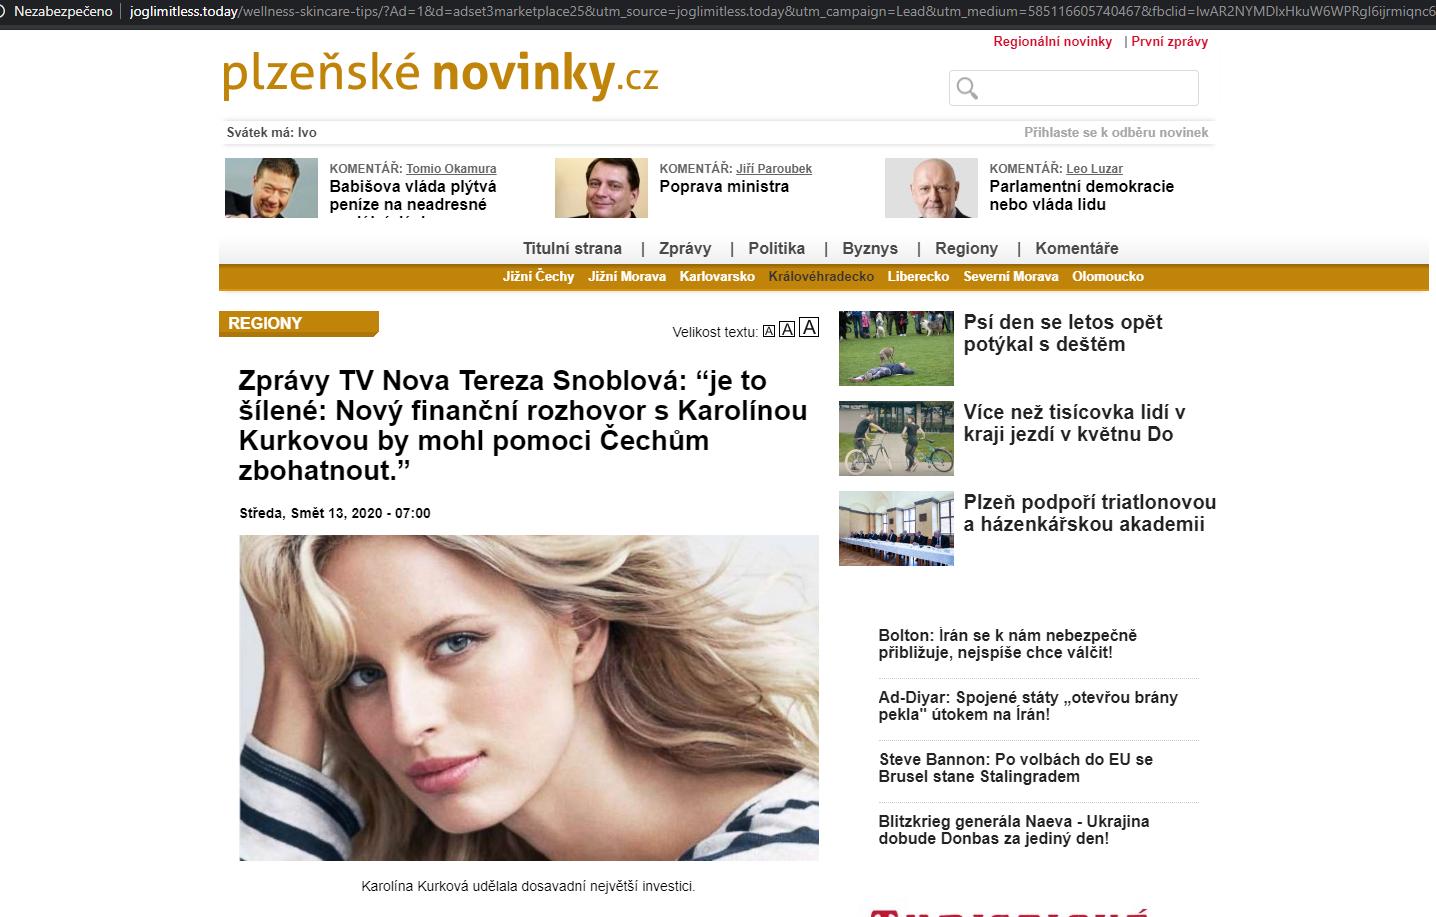 Na obrázku je falešný web se záhlavím z webu plzeňské novinky.cz, pod nadpisem jsou reklamy ukazující na podvodný email, pak velký tučný nadpis a pod ním fotografie blonďaté mladé modelky